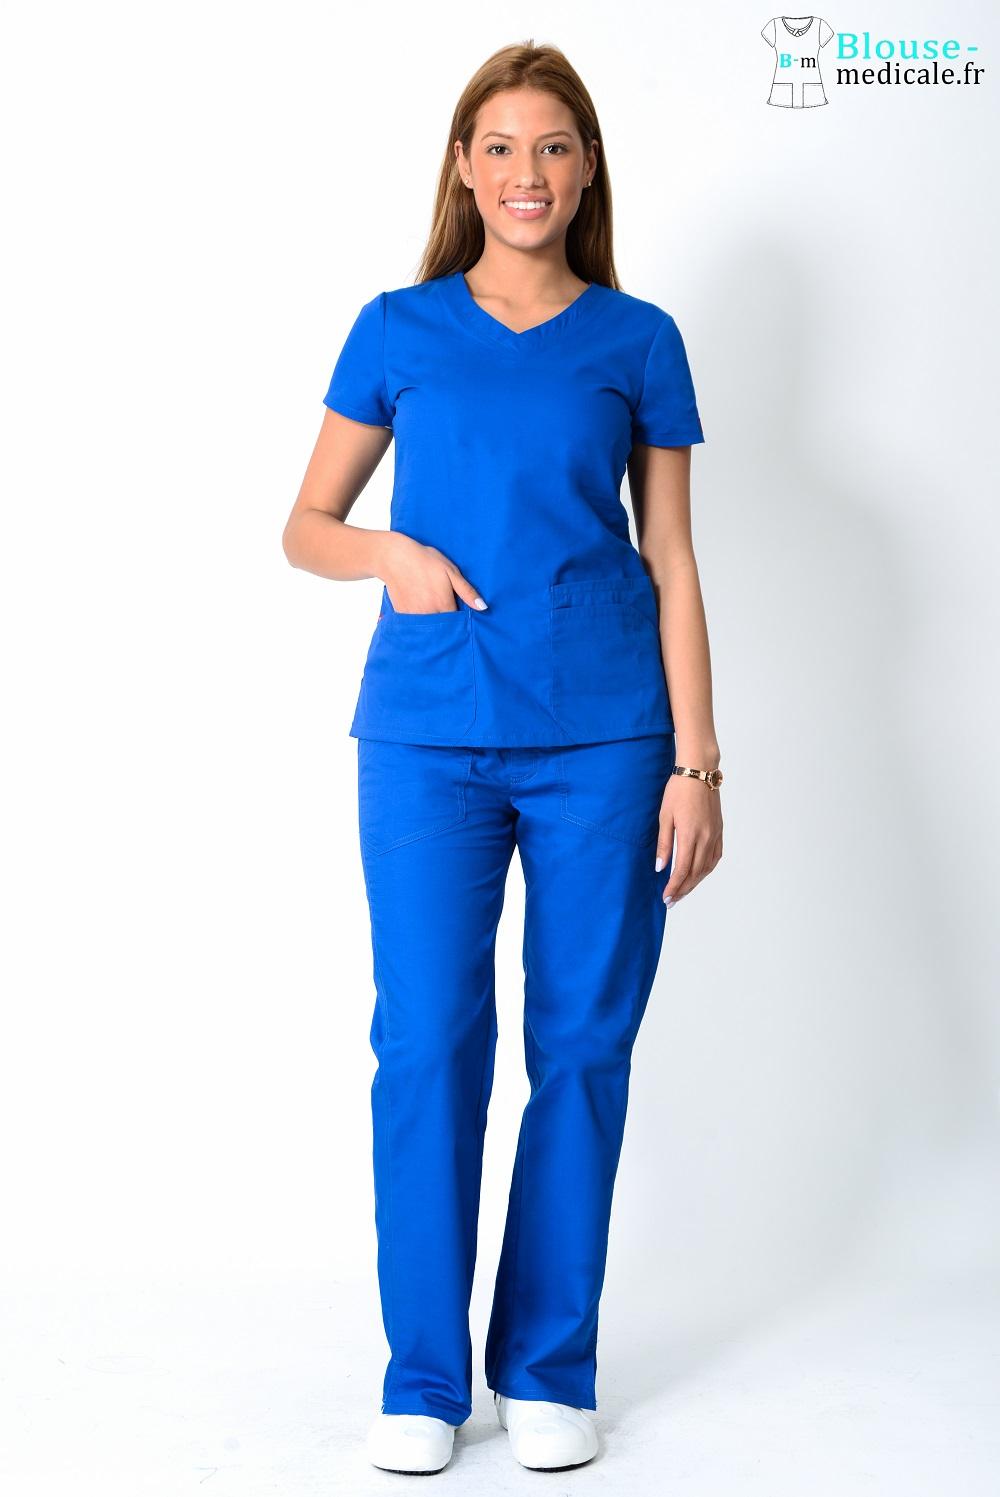 tenue médicale femme dickies pas cher tenue dickies dentiste